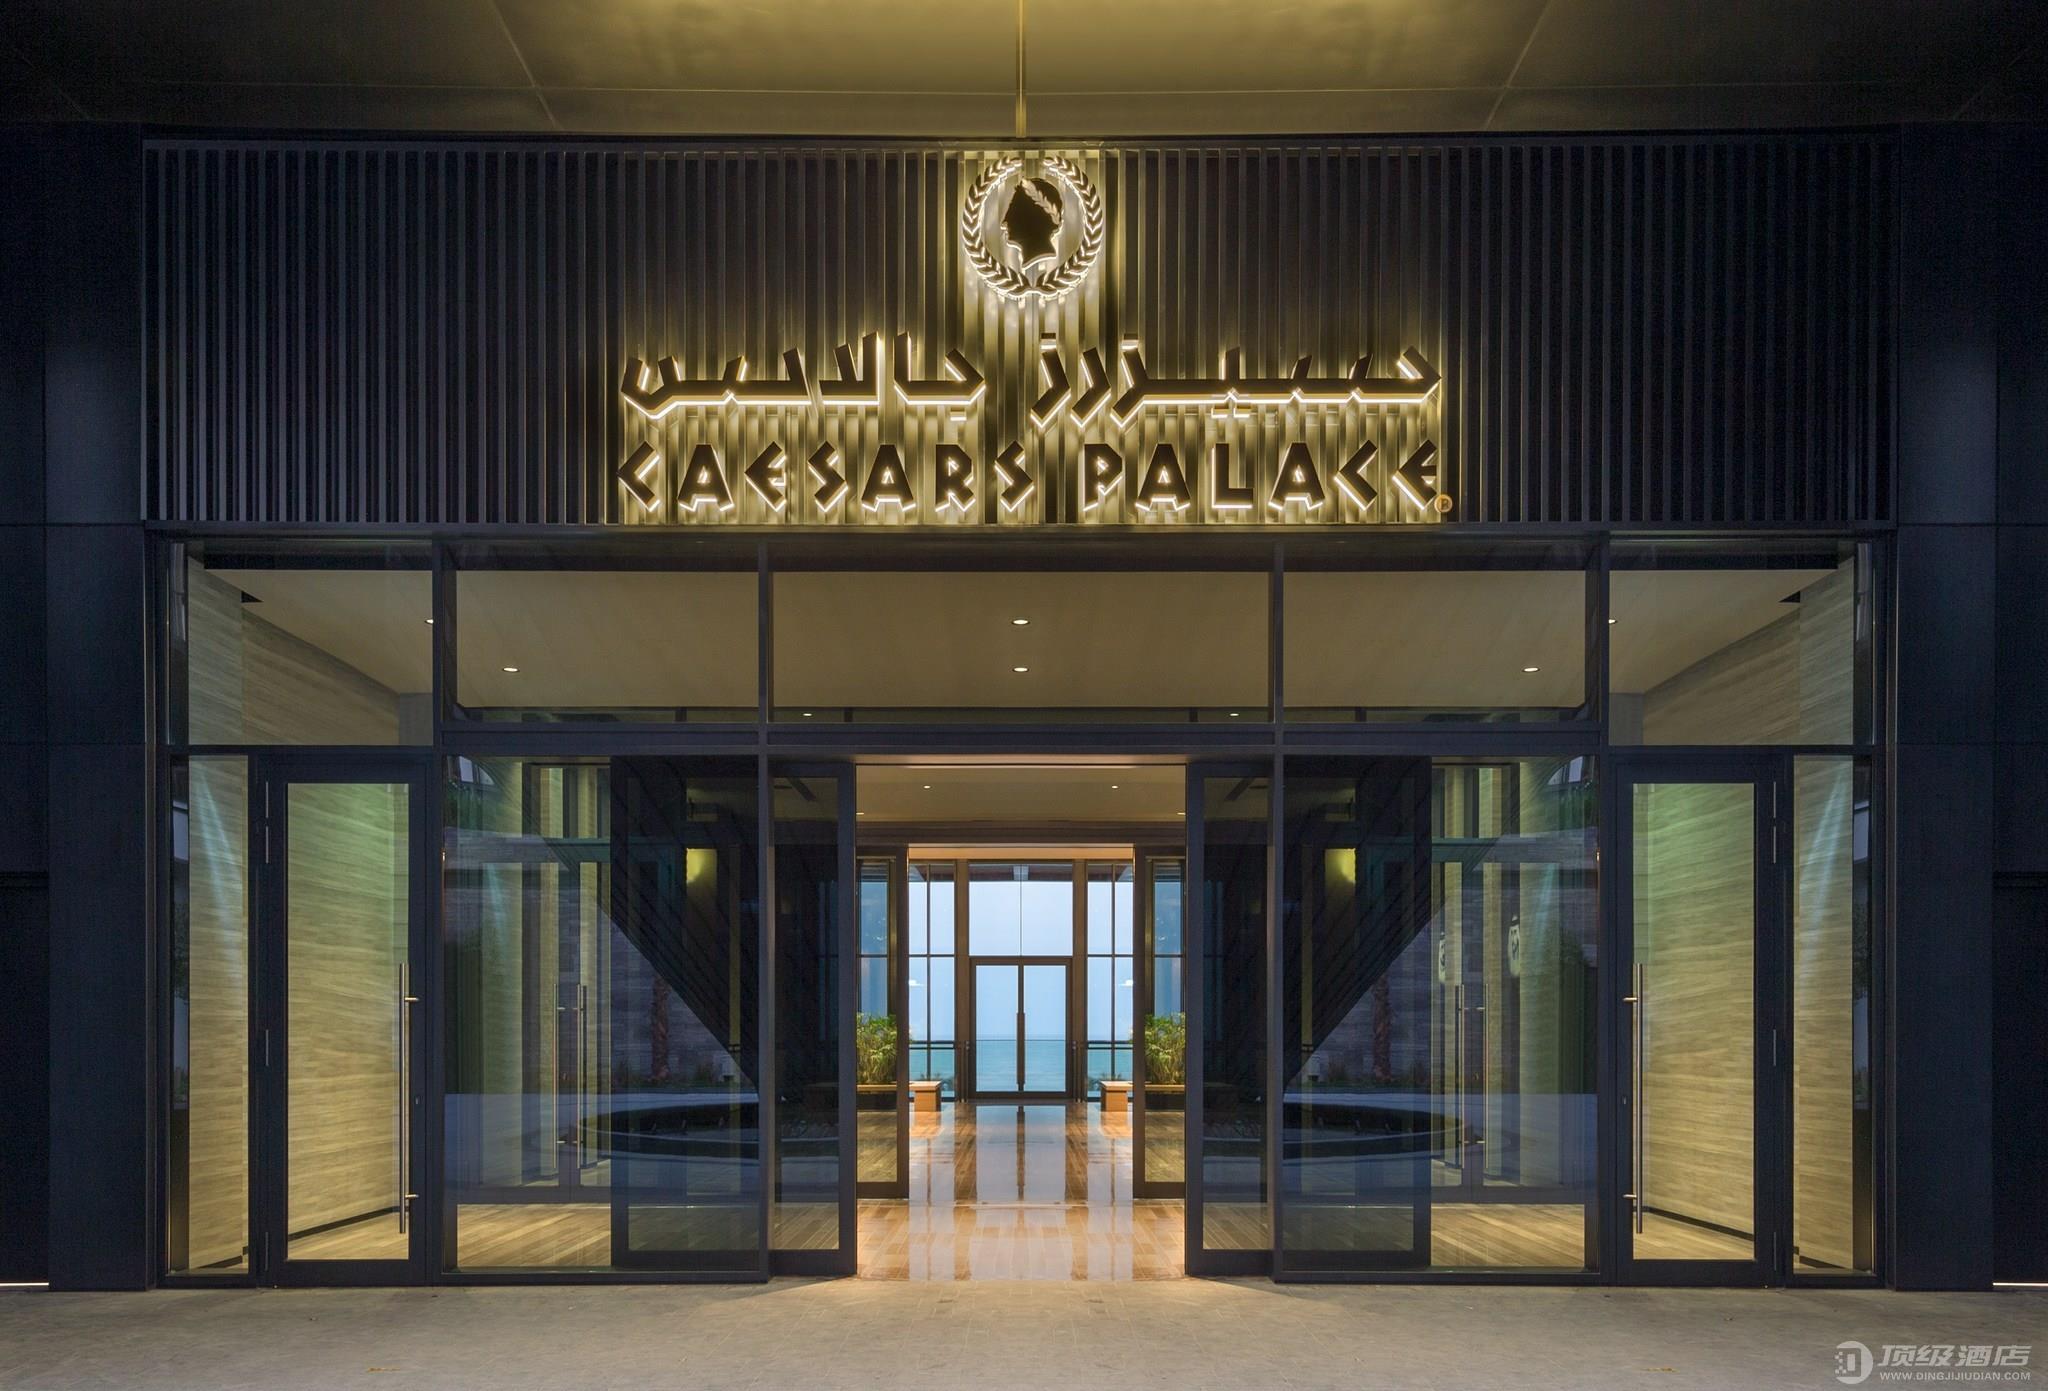 凯撒娱乐全新酒店进驻迪拜 将于11月15日盛大开幕